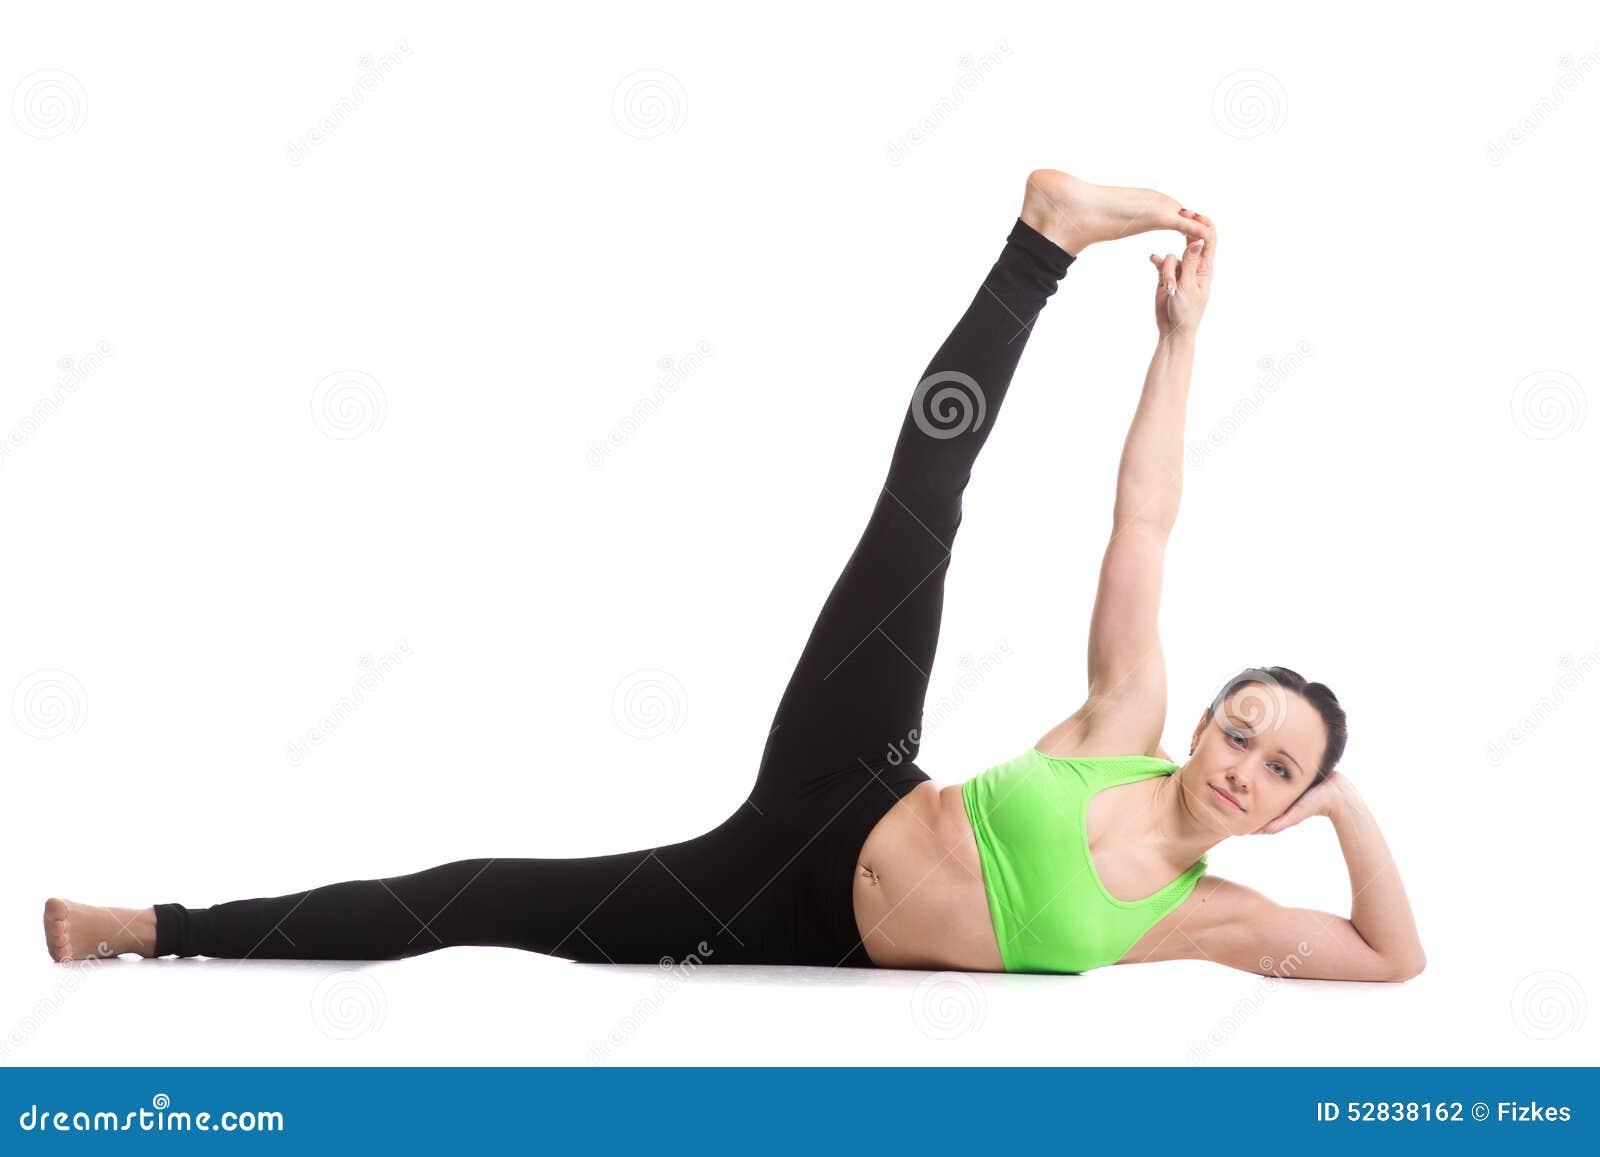 Side Reclining Leg Lift Yoga Pose Stock Photo   Image of asana ...